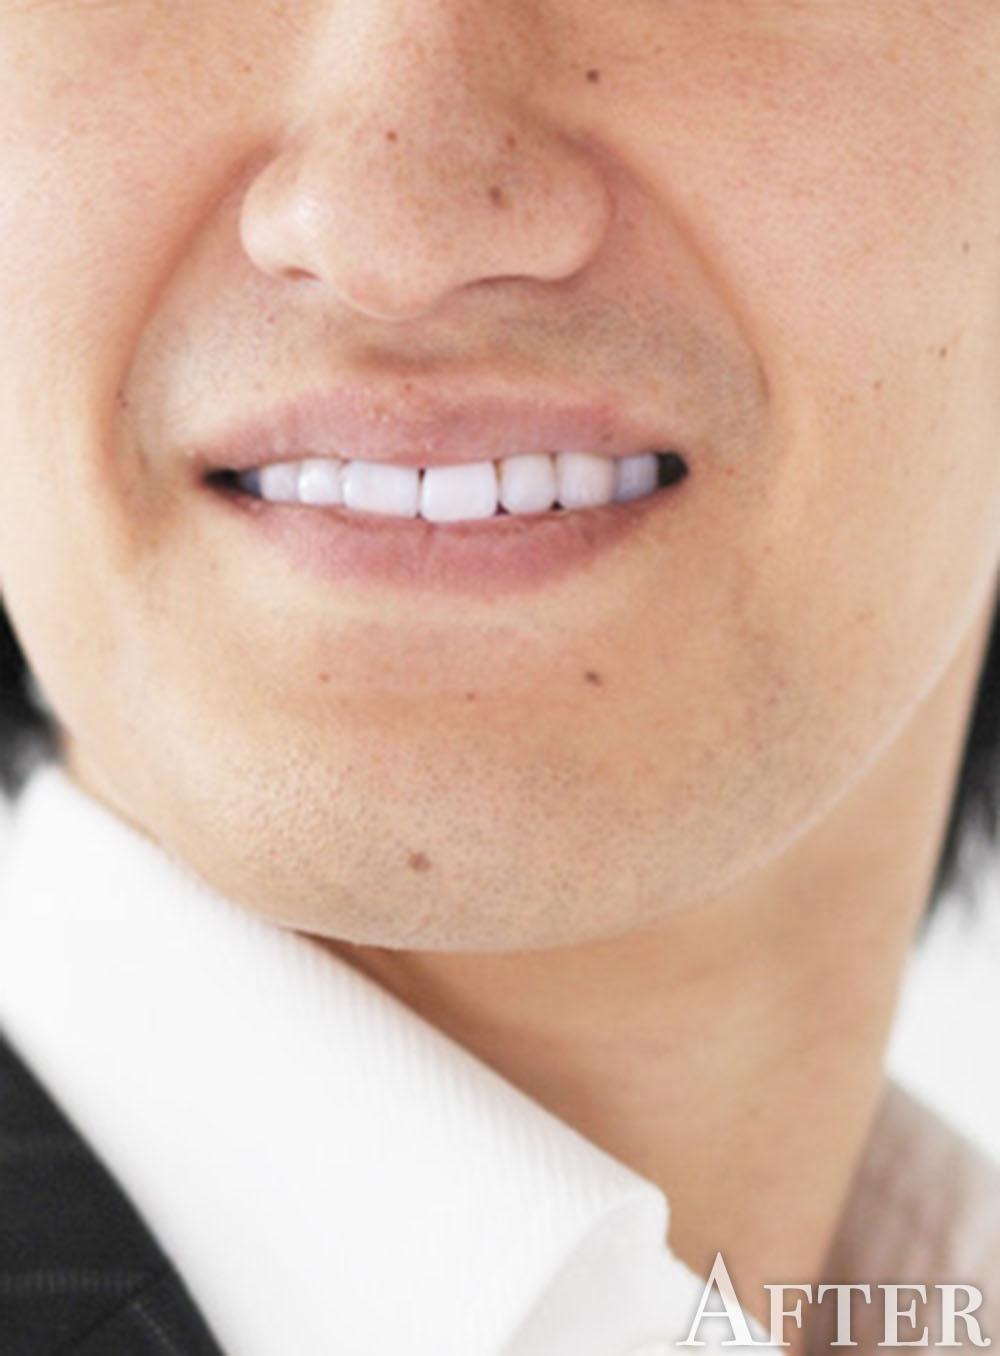 ホワイトニングされた歯